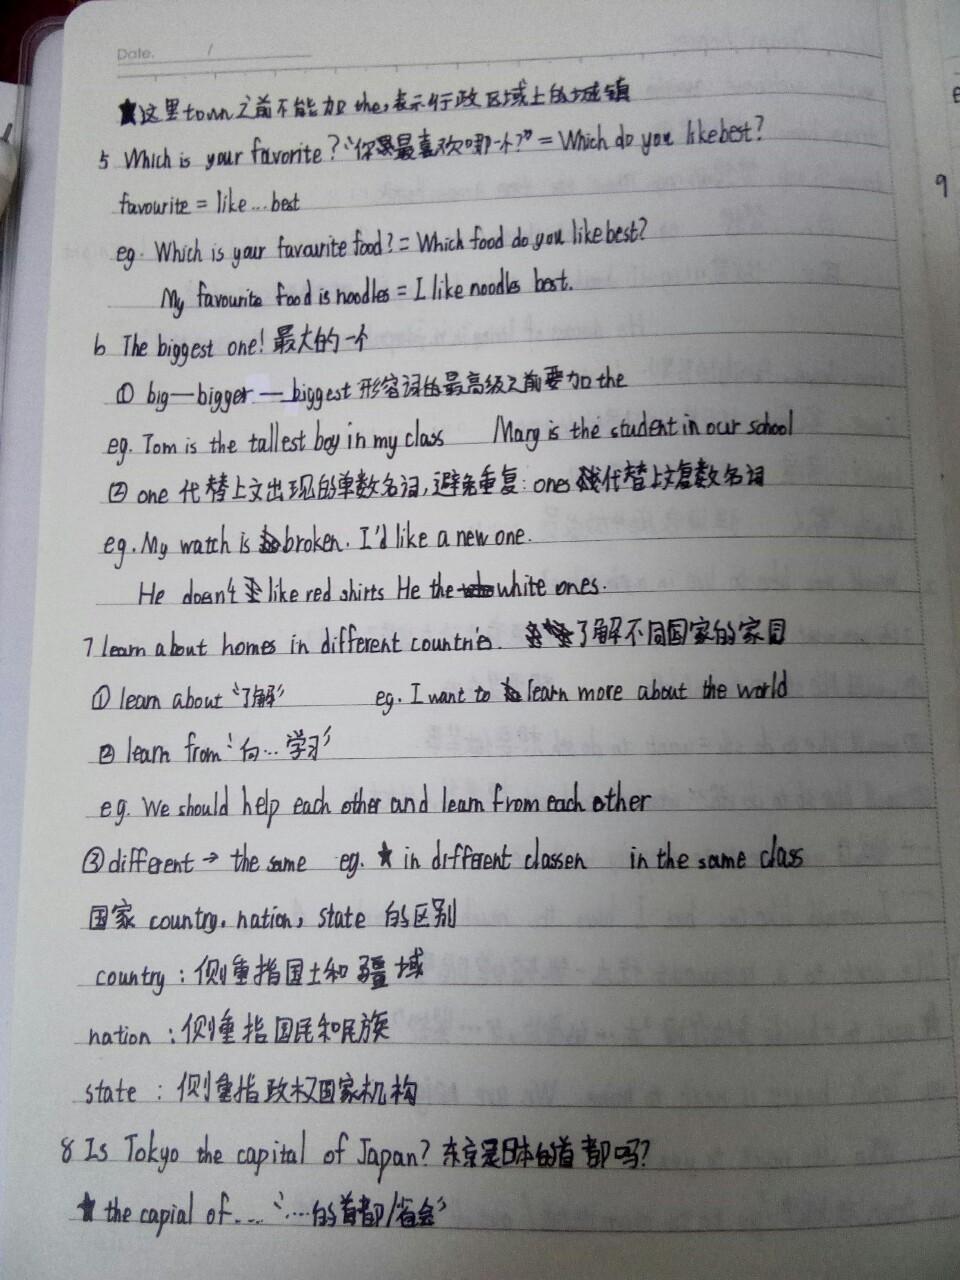 孩子入门英语应该先学什么_孩子英语学不进去了,应该怎么办_英语到底应该怎么从0基础学